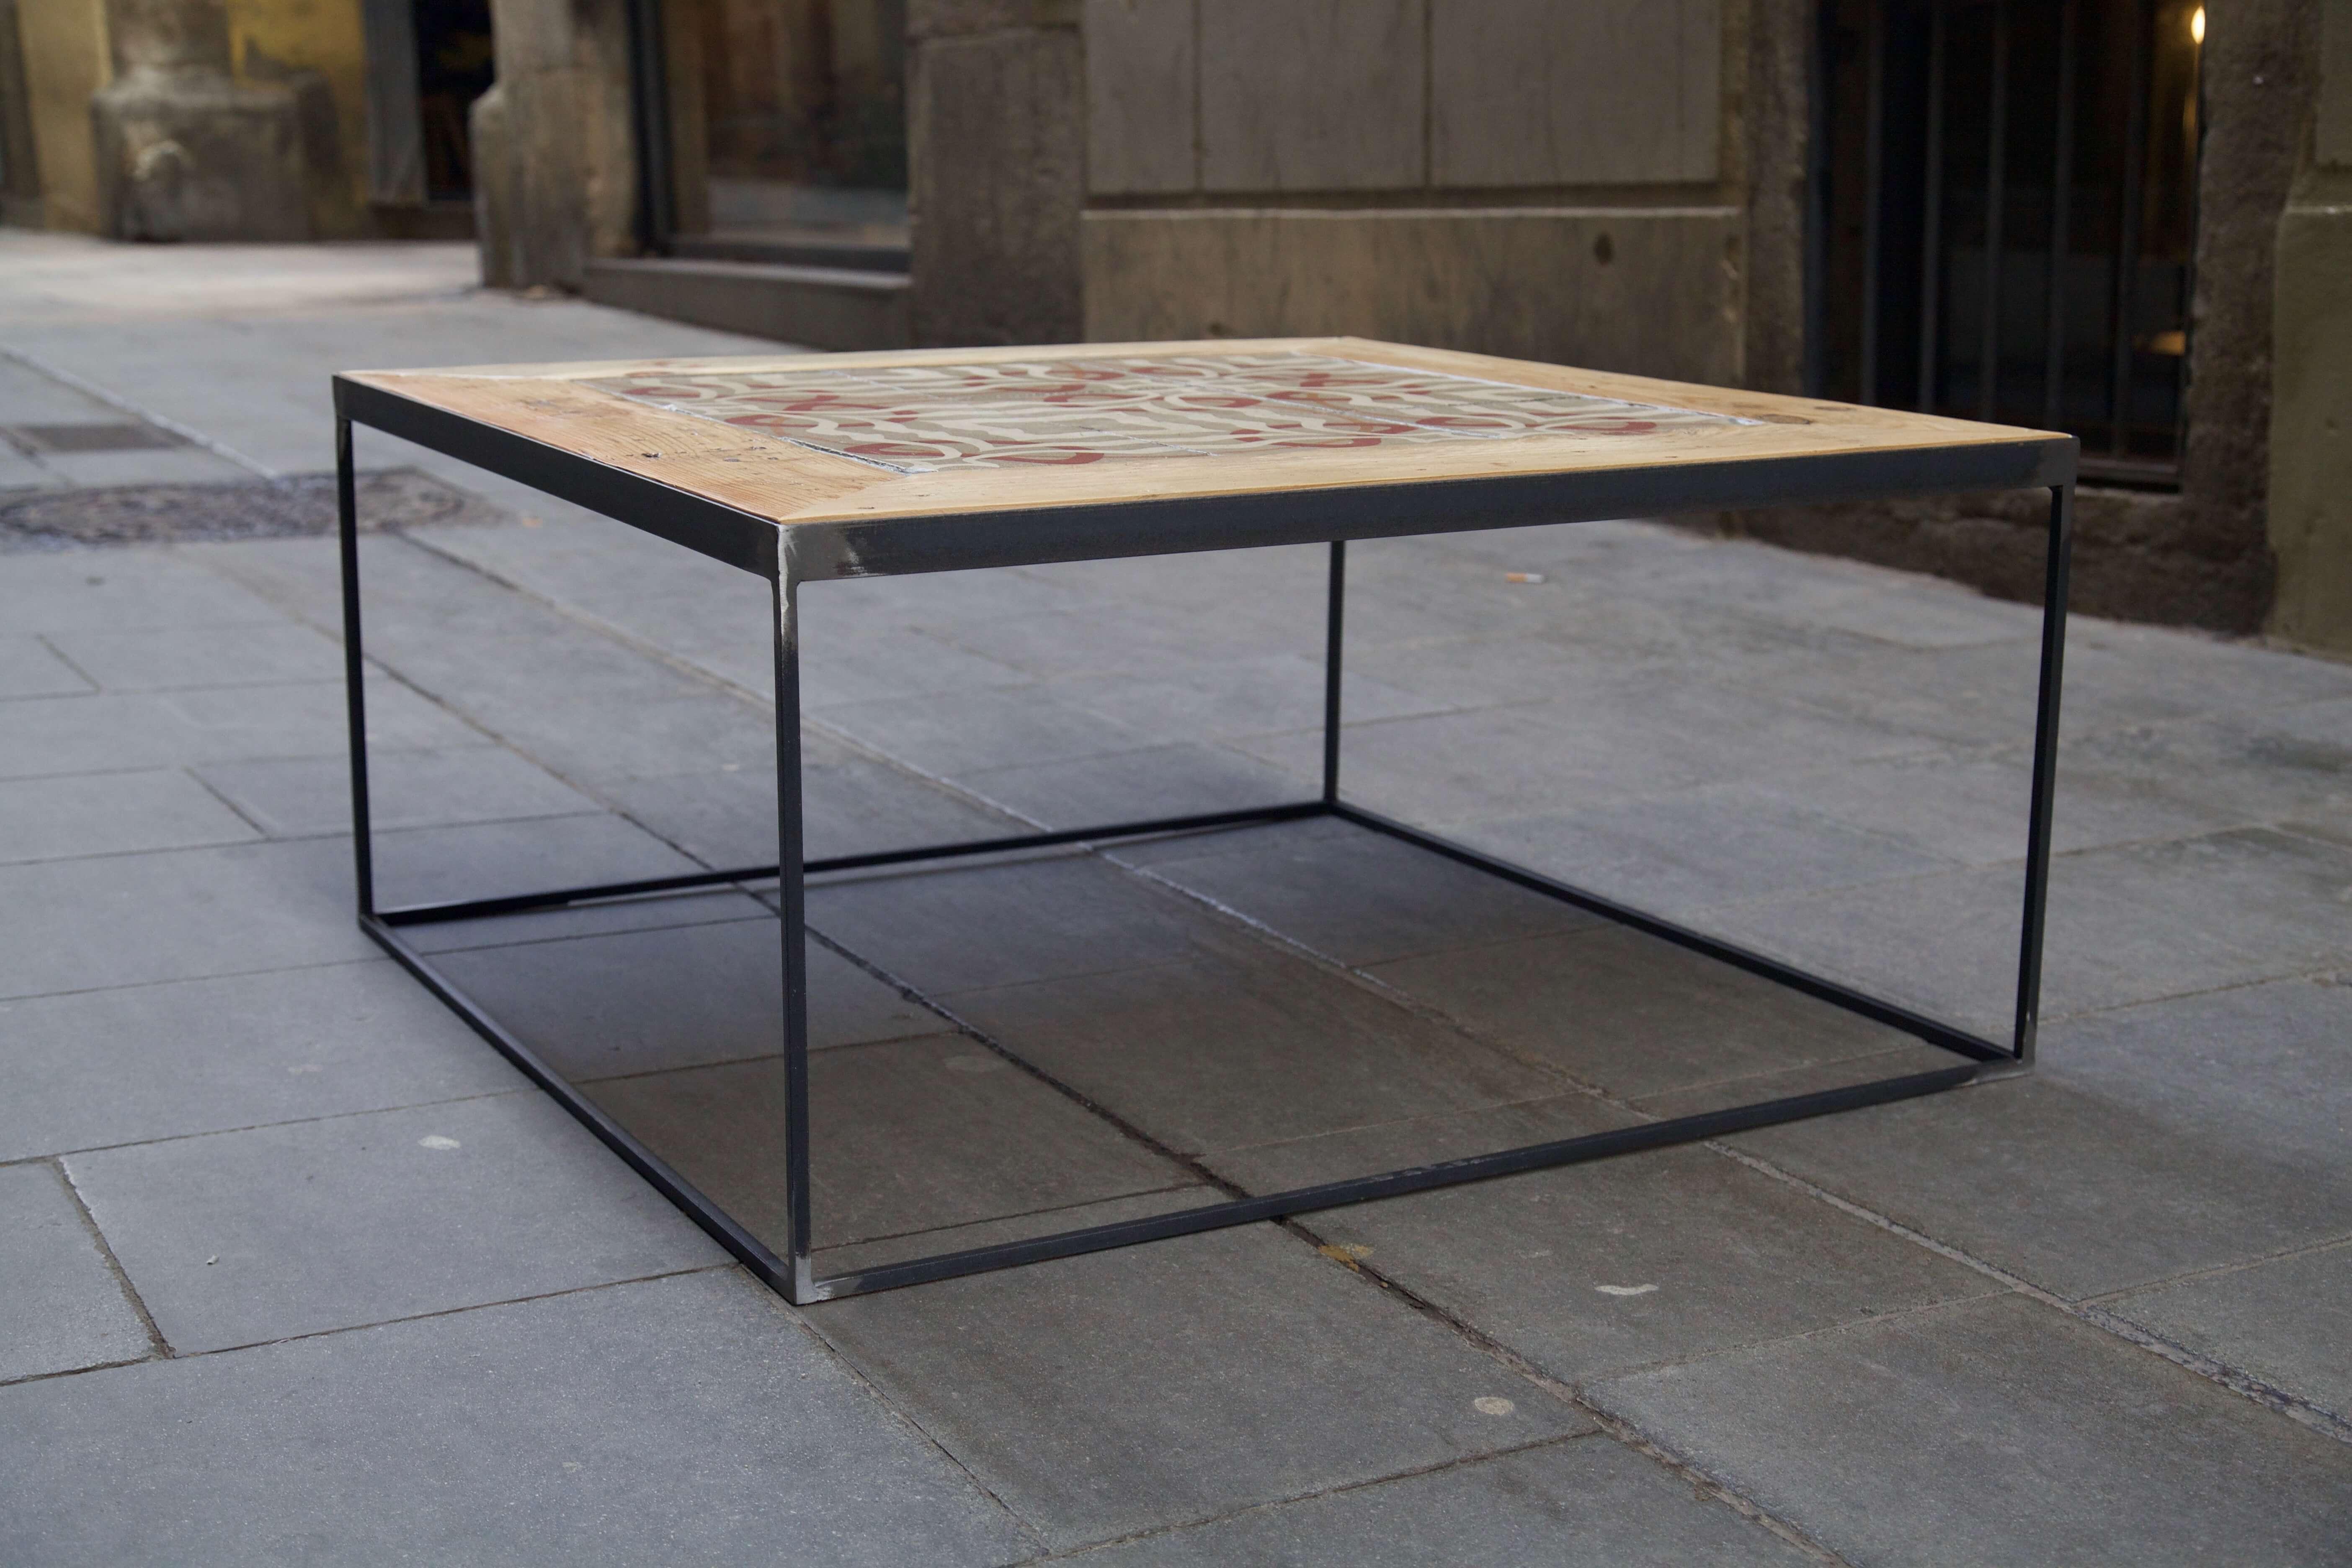 detalle plano mesa hecha con baldosas hidráulicas